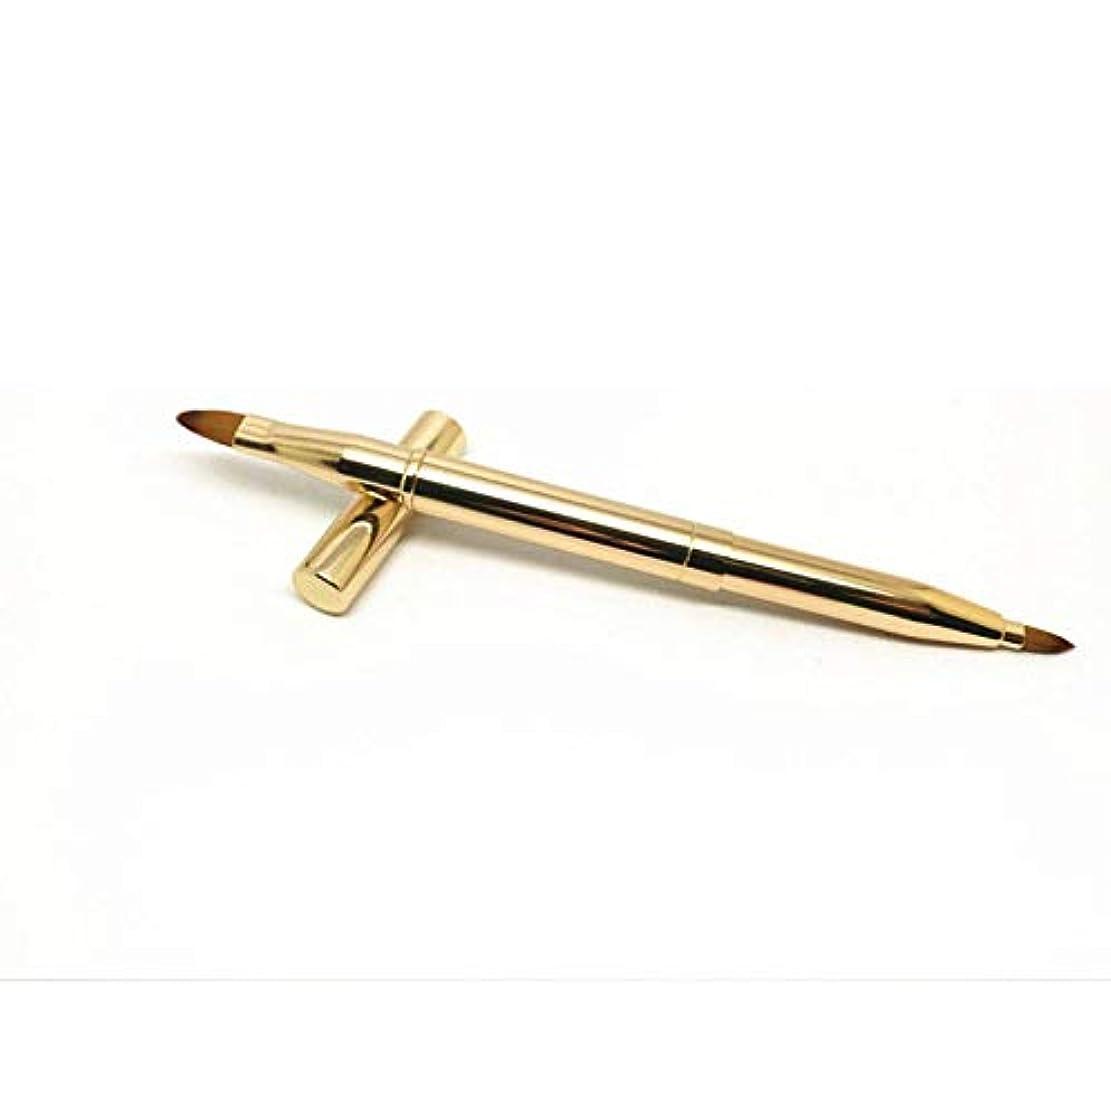 本質的にプレゼンター啓発するダブルヘッド自動伸縮ブラシポータブルリップブラシメタルリップブラシ化粧ブラシゴールドリップペンシルツール